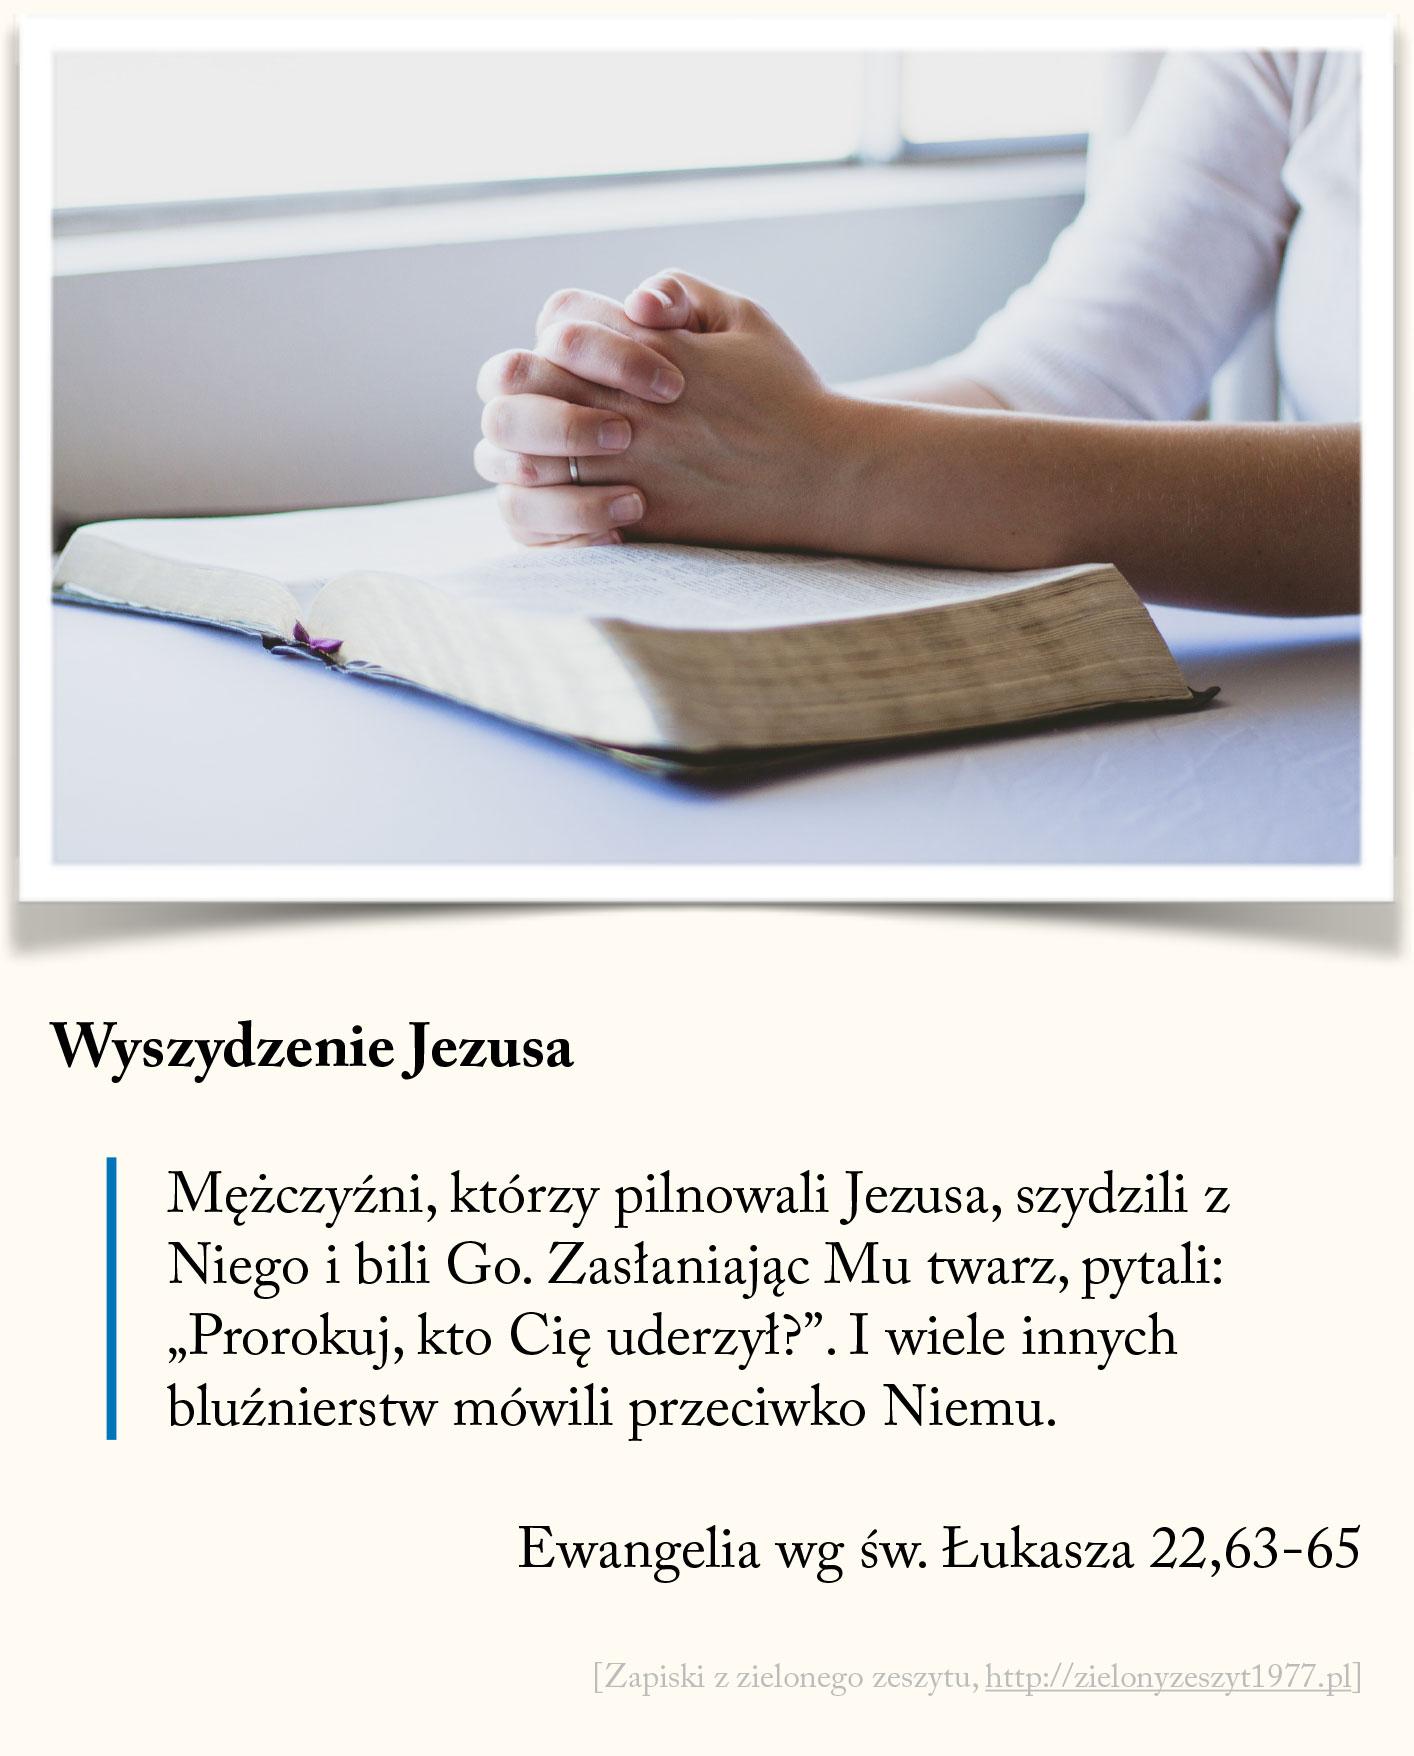 Wyszydzenie Jezusa, Ewangelia wg św. Łukasza